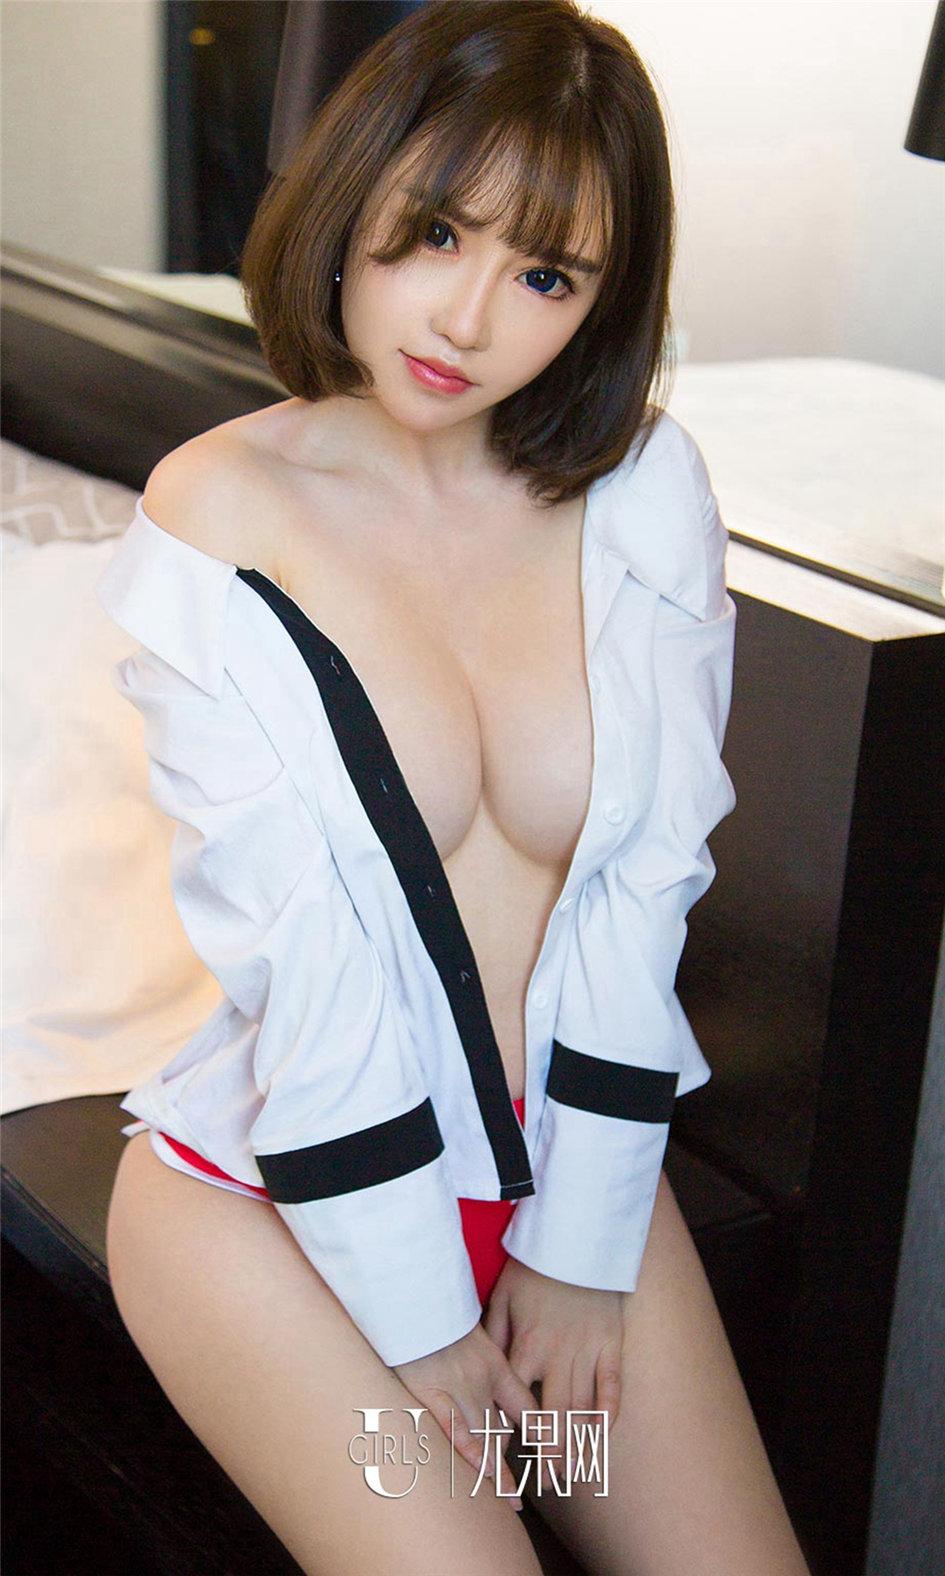 [ugirls尤果网] 丰满美女韩恩熙美臀美乳性感室内写真图